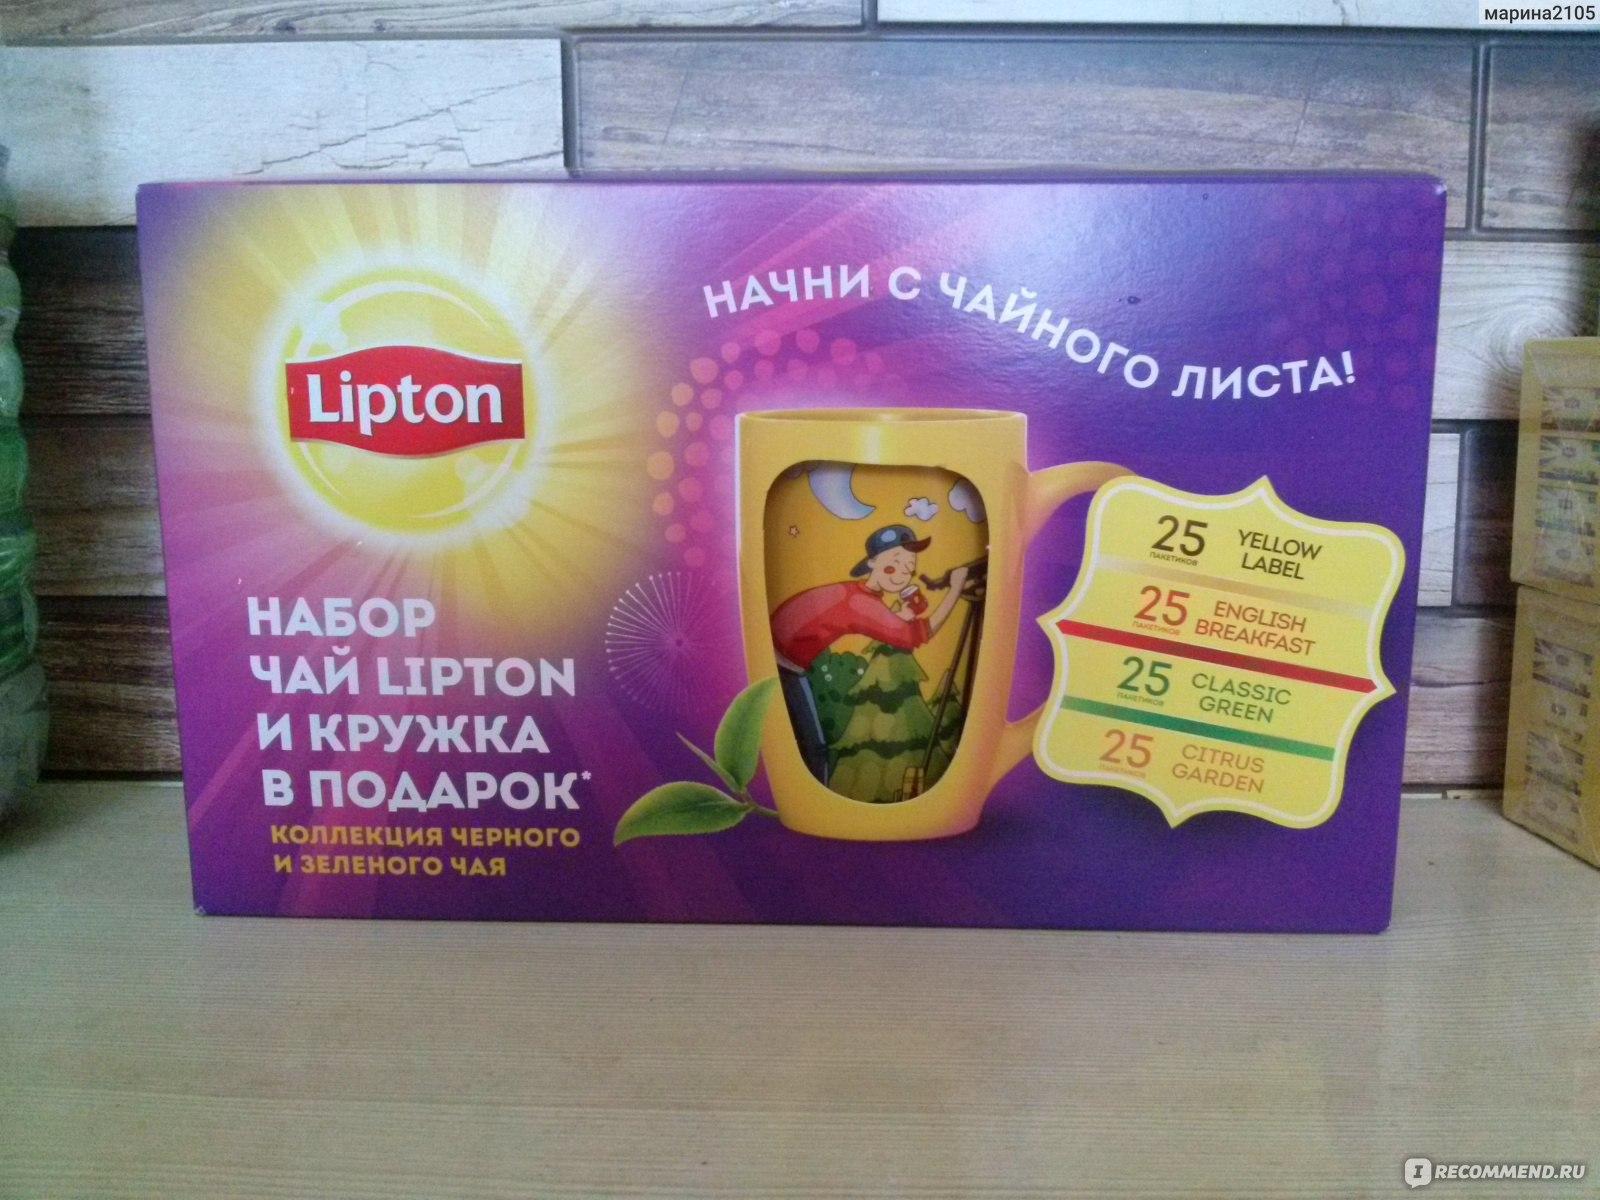 Чай Lipton в Беларуси. Сравнить цены и поставщиков промышленных товаров 25